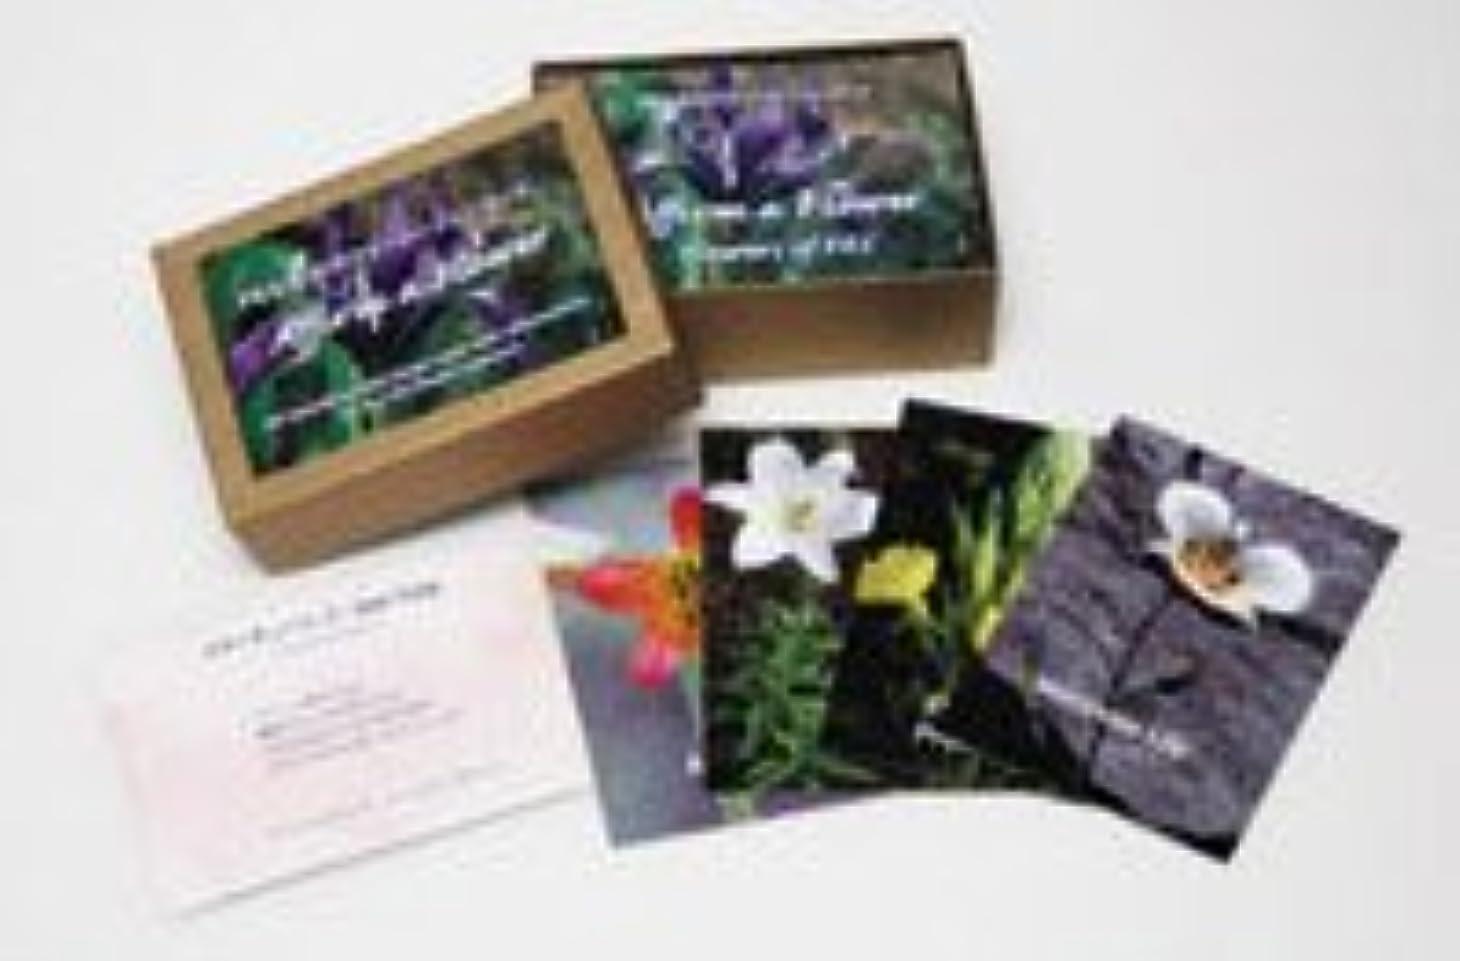 ナンセンスびっくりする無臭FESフラワーエッセンス アファメーションカード 103枚(日本版) (Flower Essence Society) 日本国内正規品